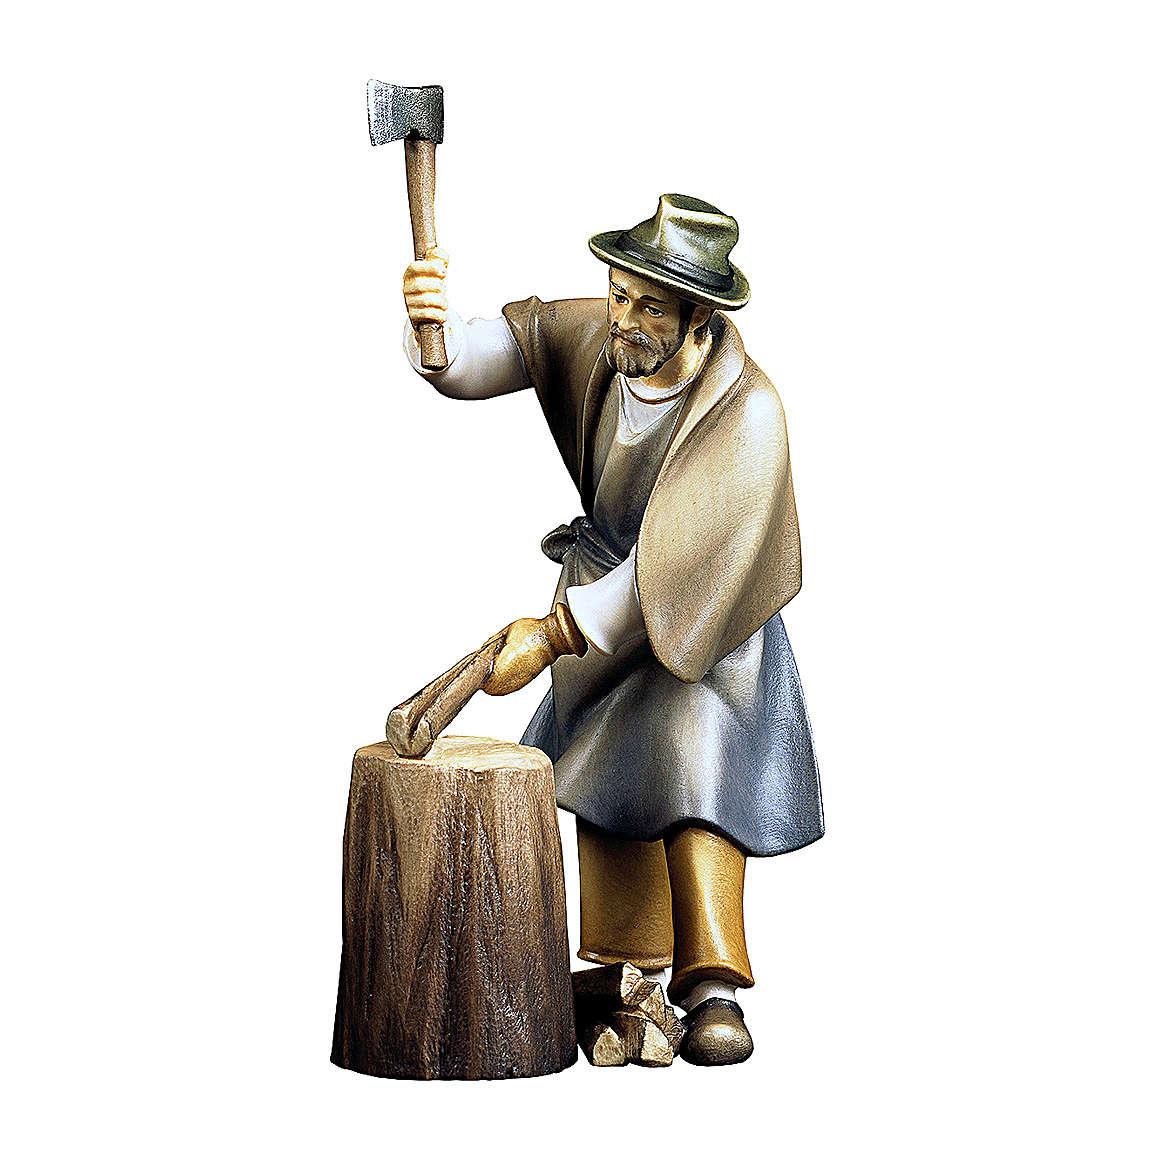 Boscaiolo con ceppo di legno presepe Original Pastore legno dipinto in Val Gardena 12 cm 4